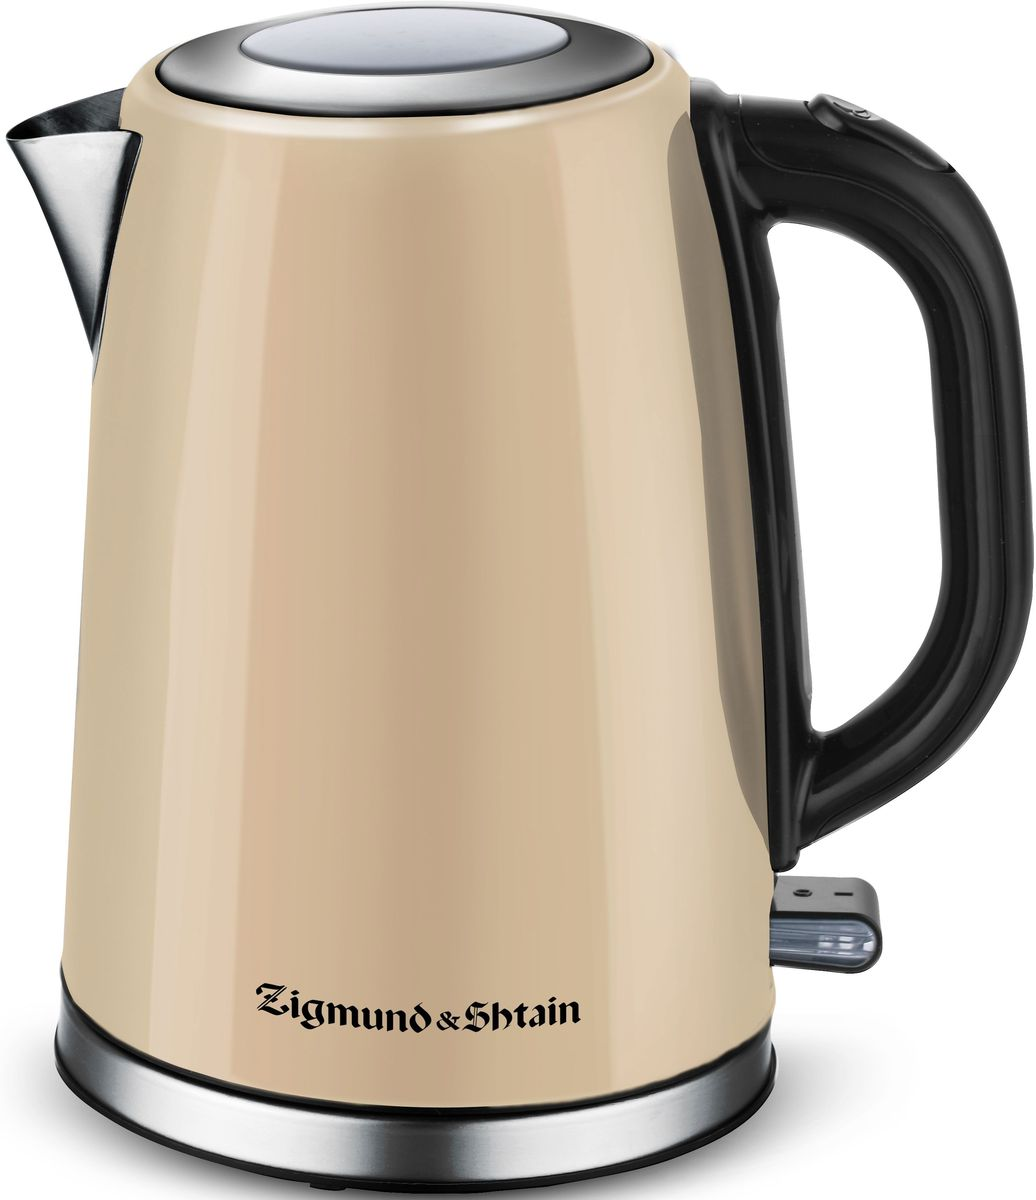 Zigmund & Shtain KE-717 электрический чайникKE-717Электрический чайник Zigmund & Shtain KE-717 станет незаменимым помощником на вашей кухне. Особенности: Механизм плавного поднятия крышки Soft-Lift, Контроллер Otter,Материал корпуса - нержавеющая сталь, Автоотключение при недостаточном количестве воды, Автоотключение при снятии чайника с базы, Автоотключение при закипании, Съемный фильтр,Закрытый нагревательный элемент.